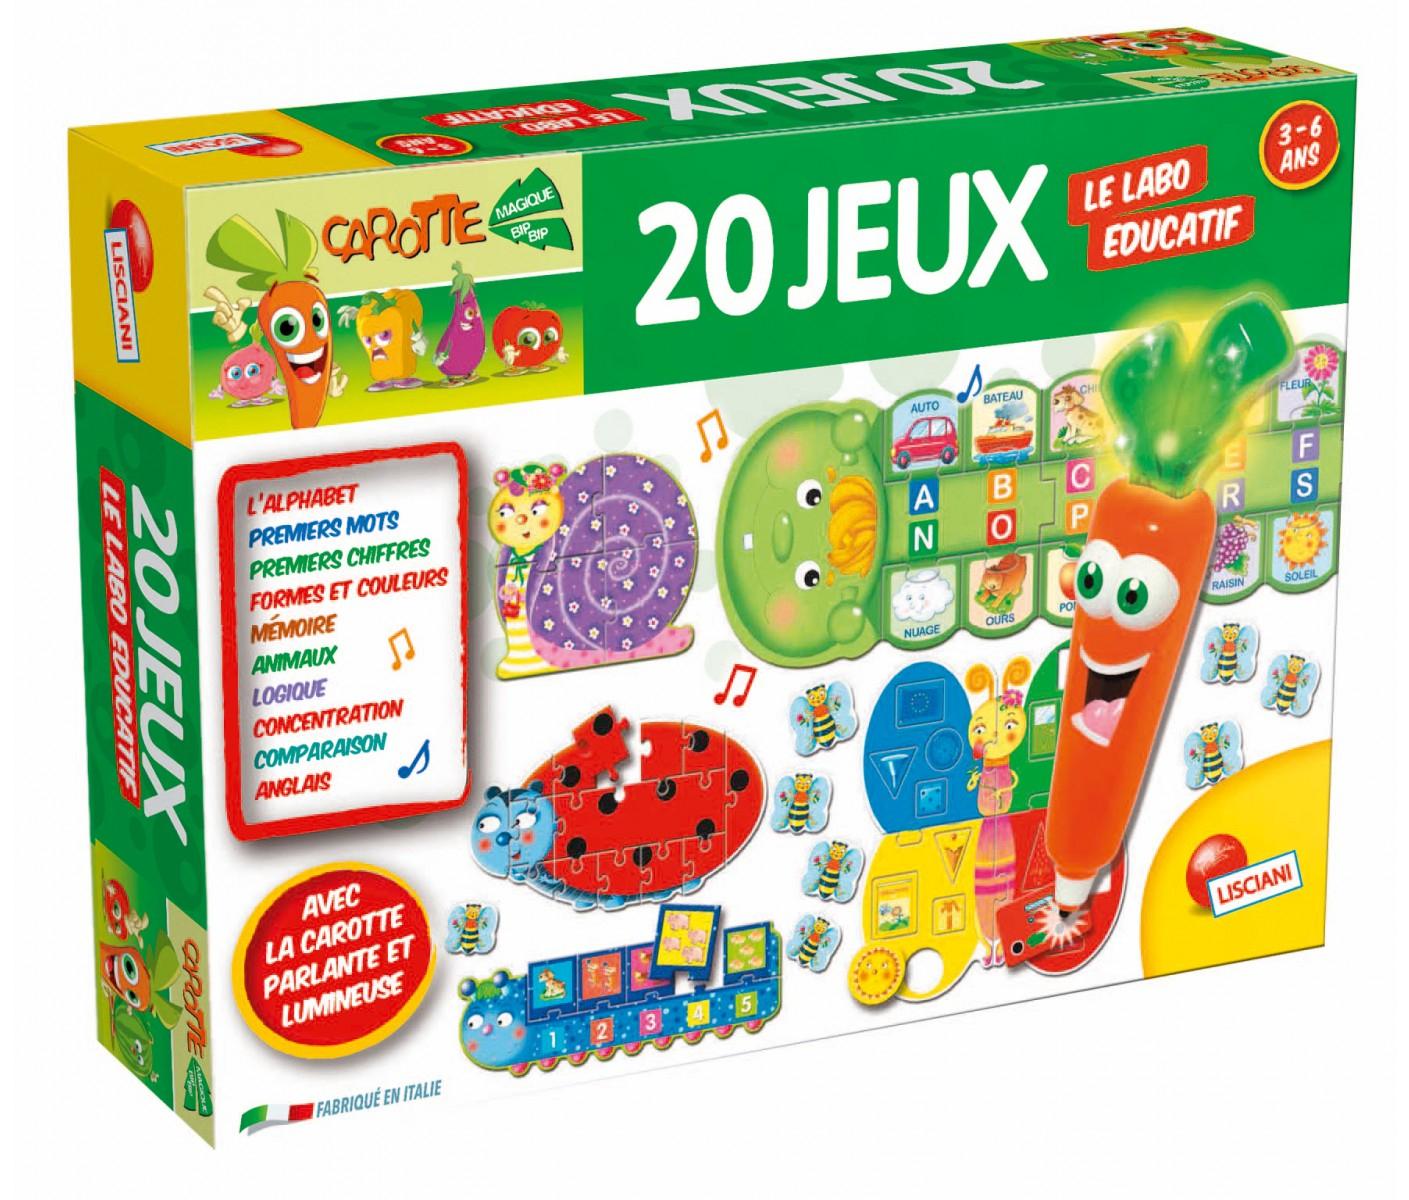 Le Labo Educatif Carotte Magique 20 Jeux tout Jeux Educatif 3 An